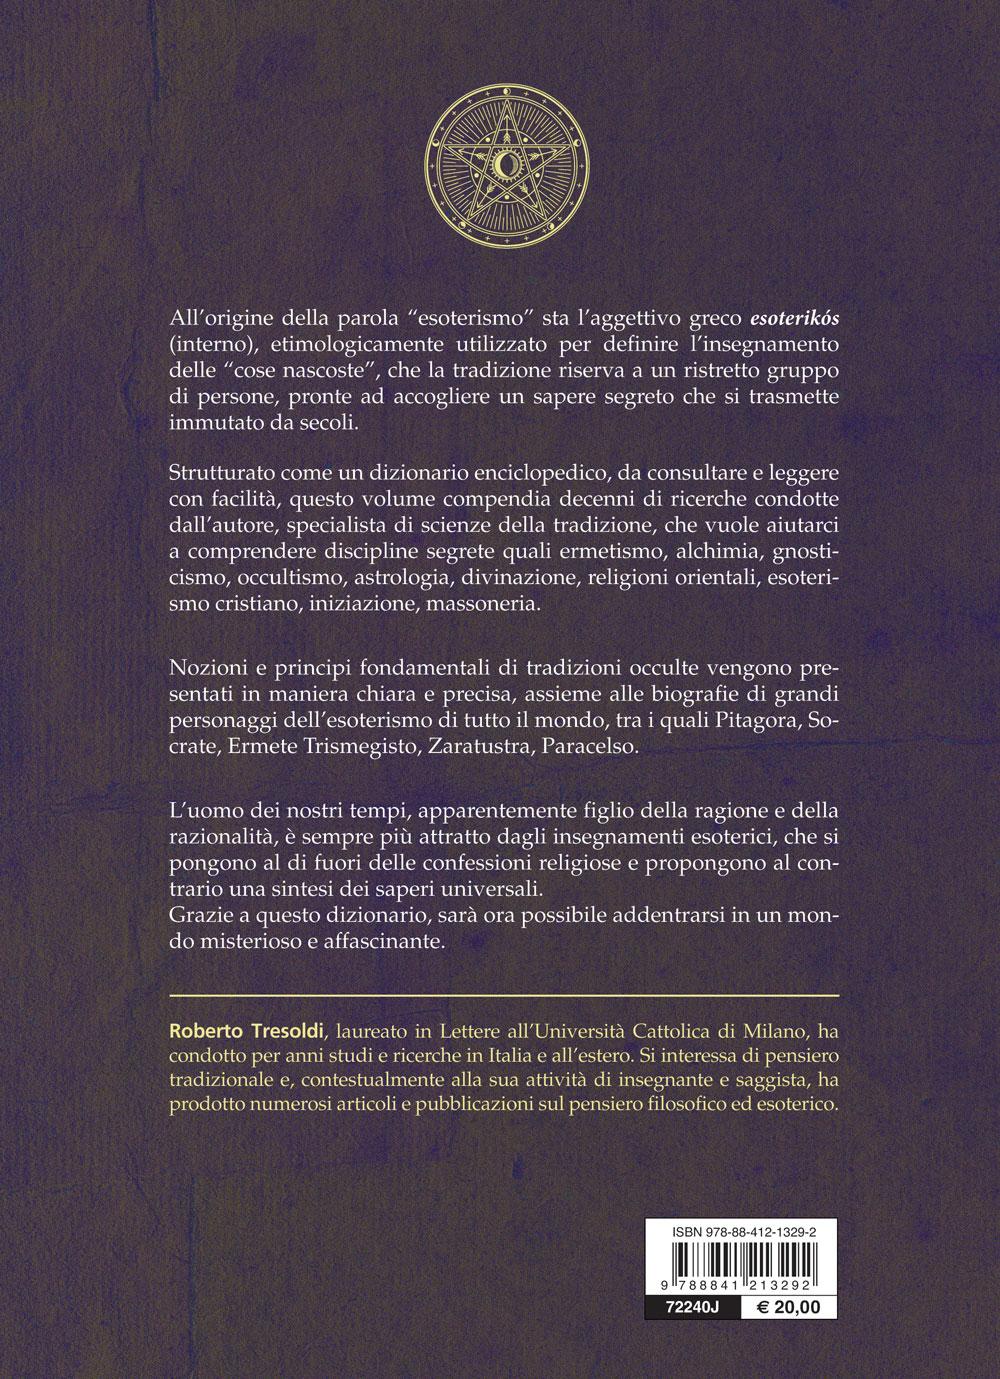 Esoterismo. Dizionario Enciclopedico